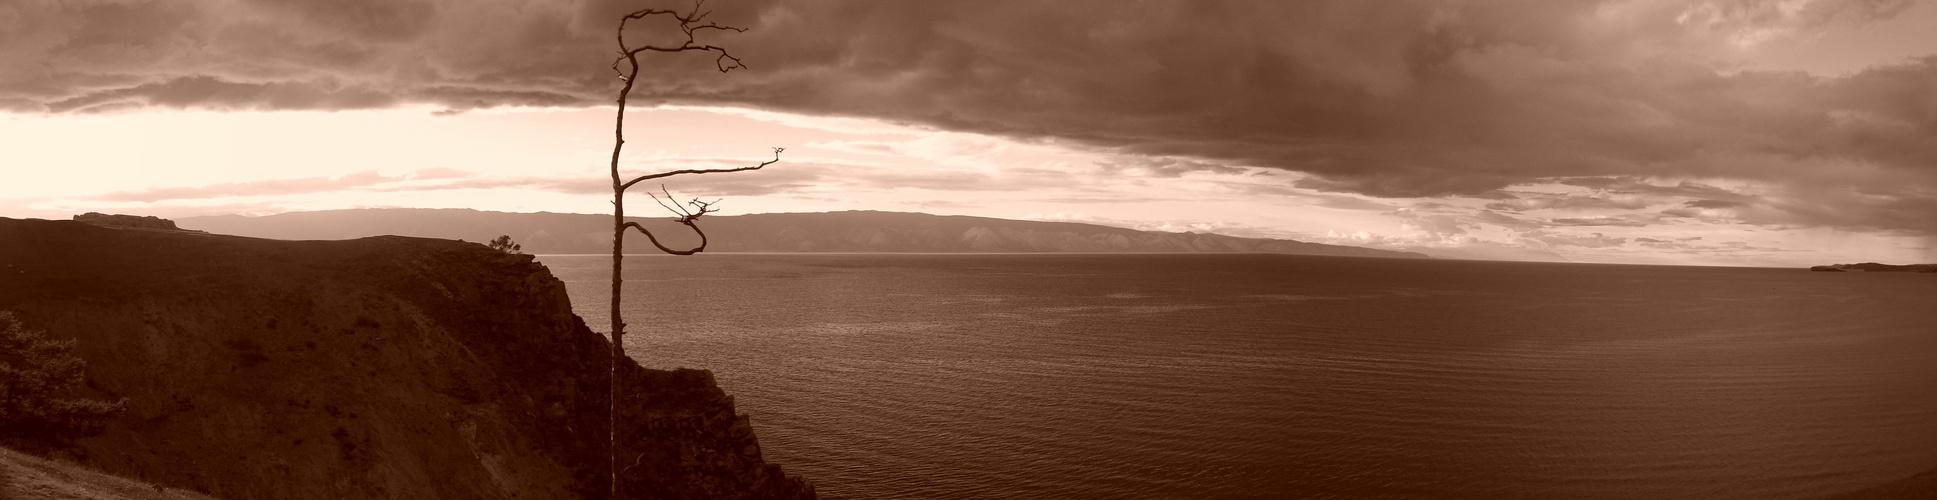 Baikalsee mit Olchon - Horn